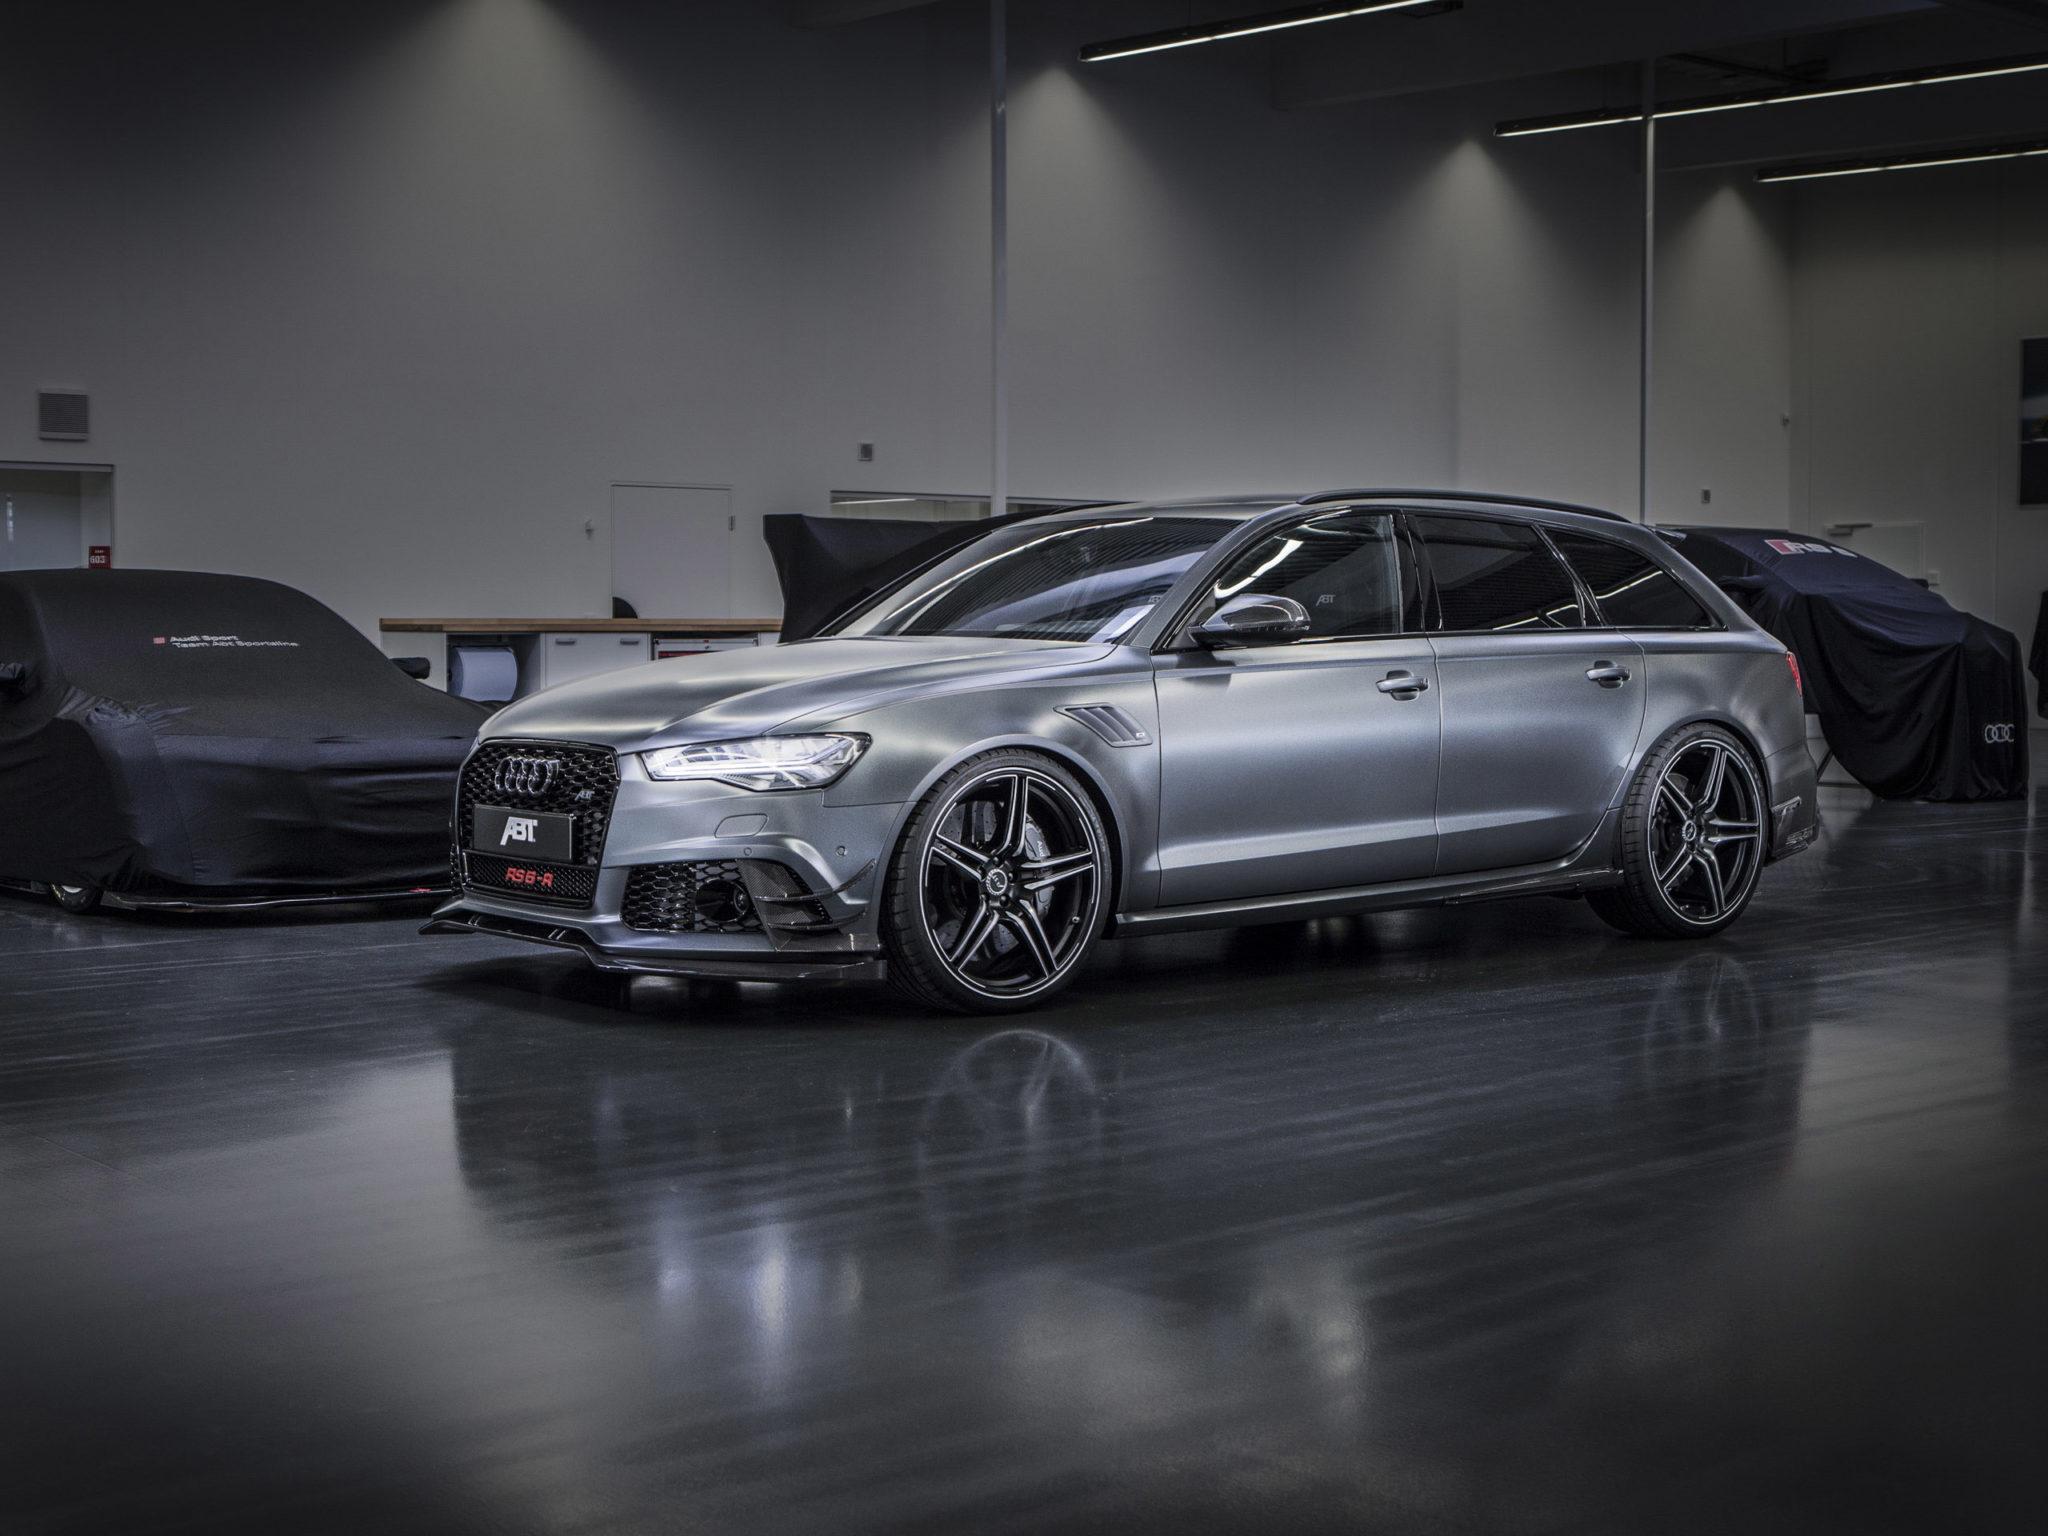 ABT Audi RS6-R Avant 2015 – Une préparation extrême de 730 ch.